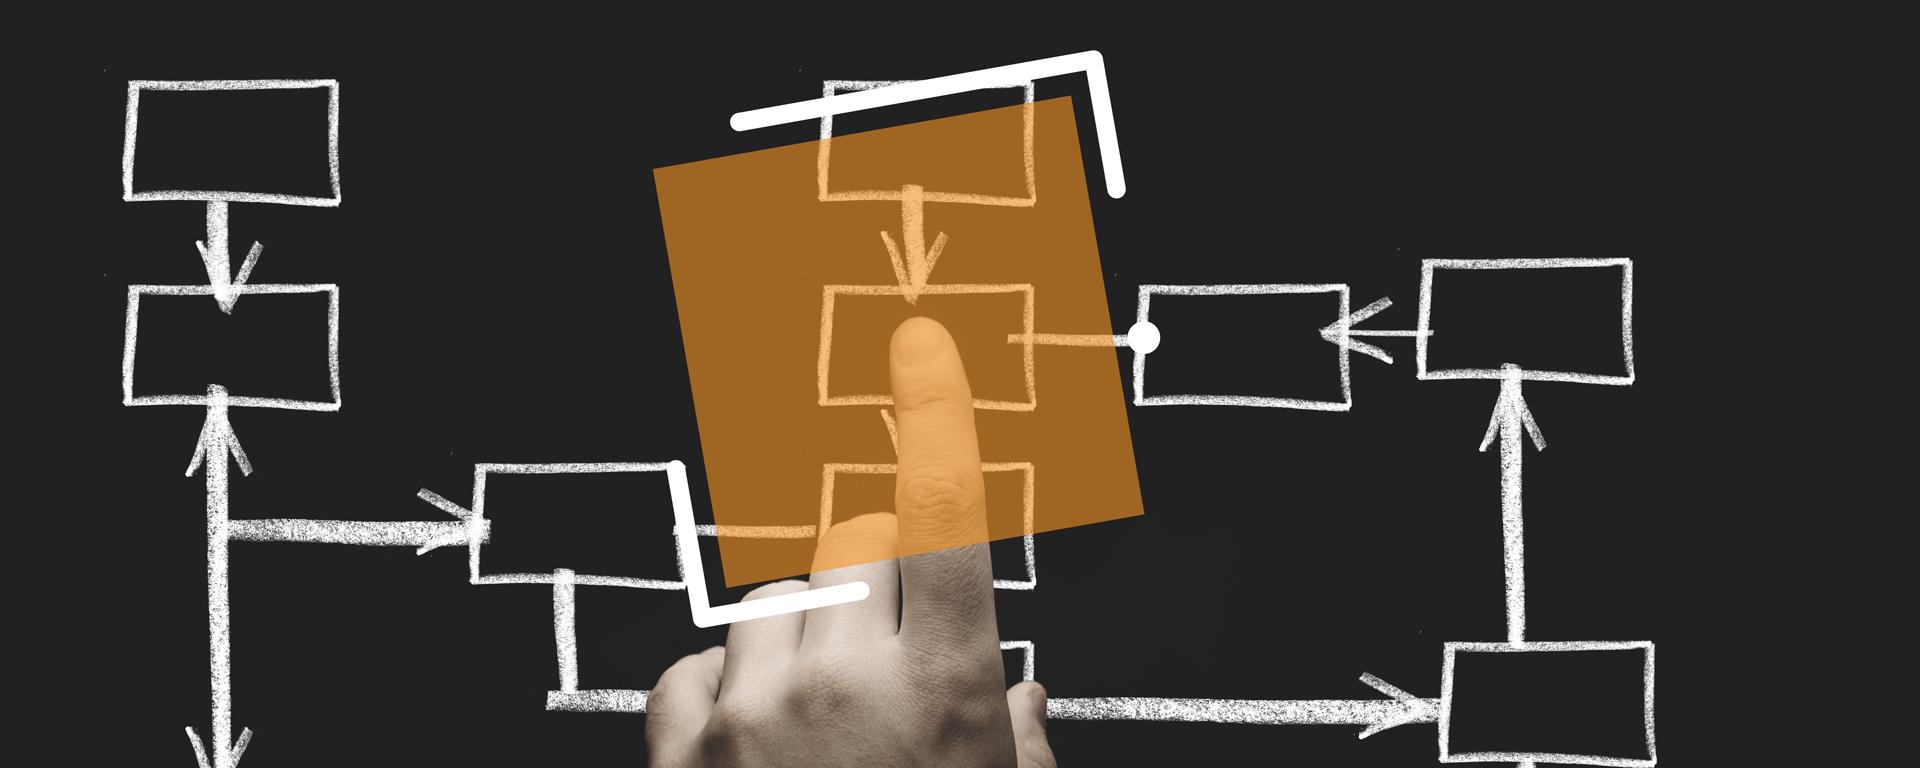 Konzept von quadrat.e kommunikation, Bern